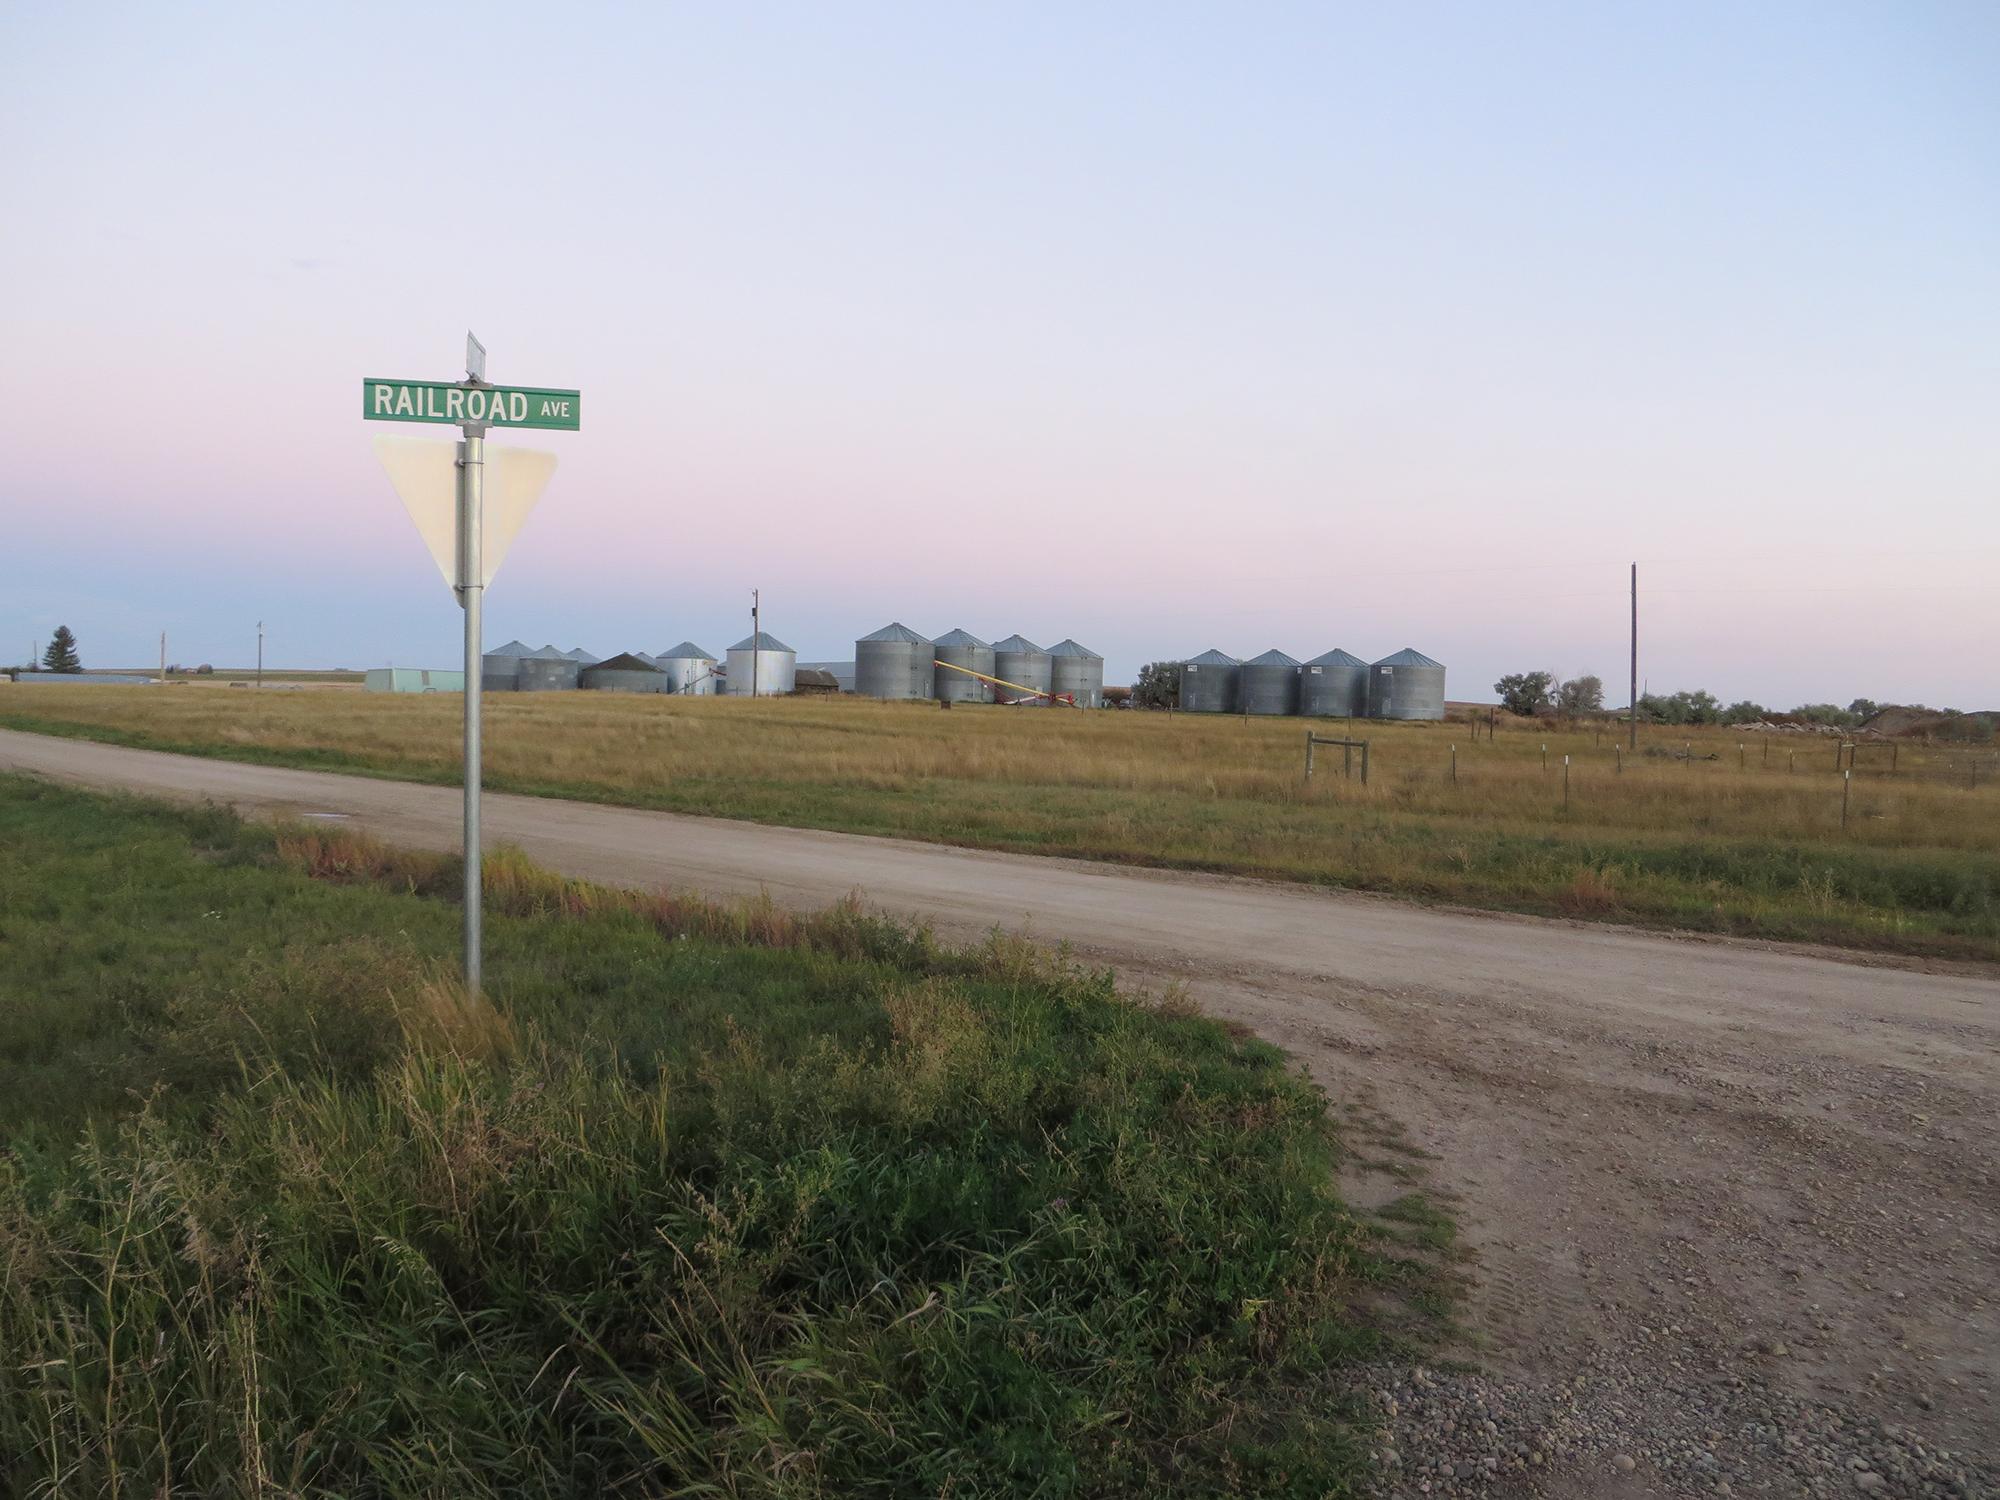 Railroad Ave